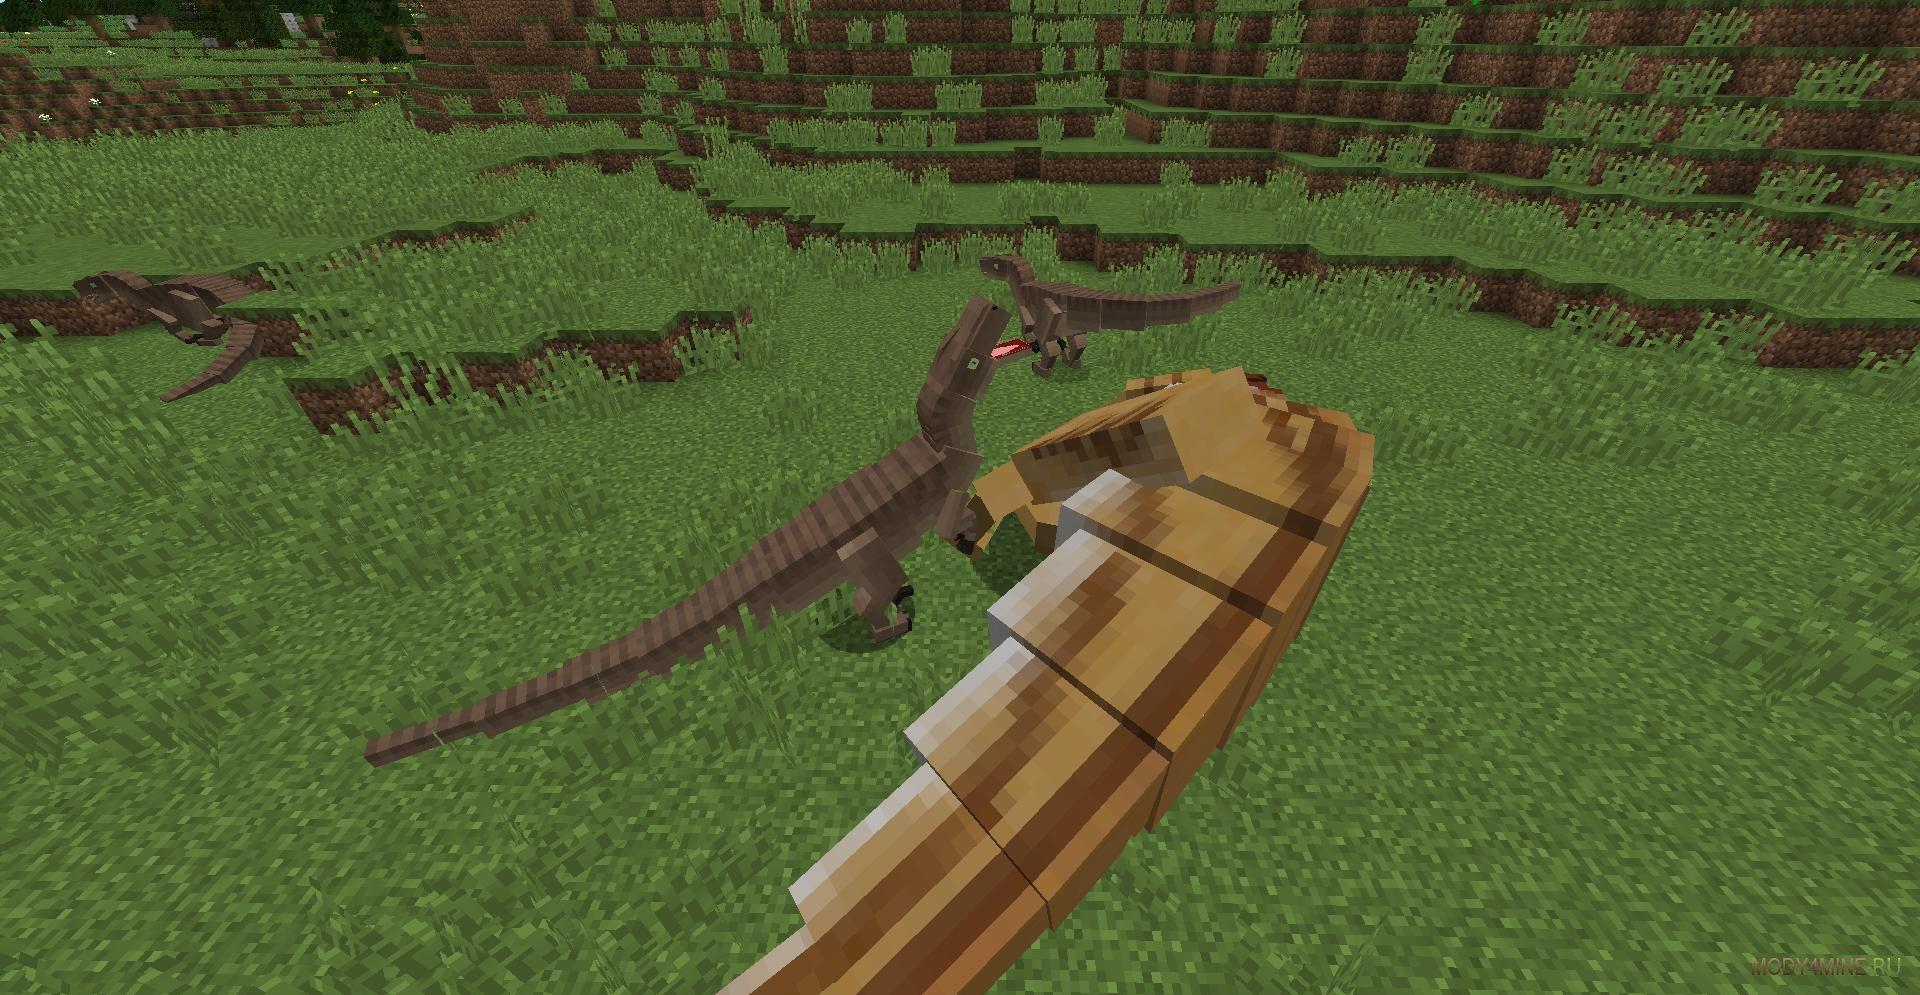 Скачать мод на minecraft 1. 7. 10 на динозавров.